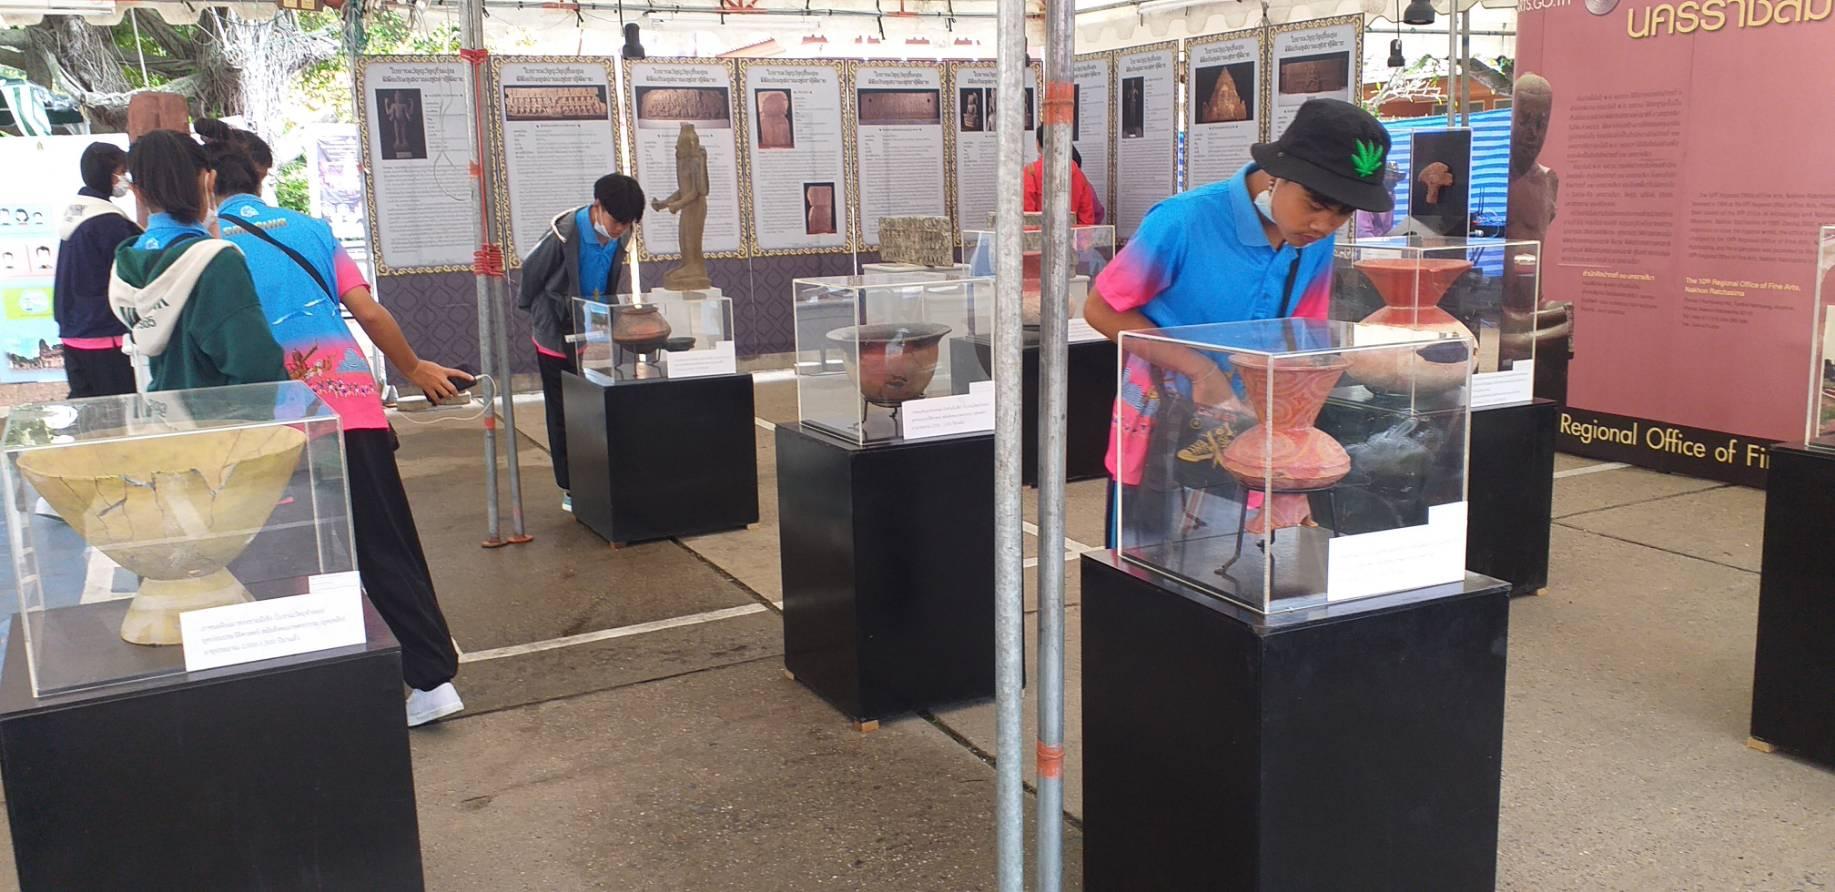 สำนักศิลปากรที่ ๑๐ นครราชสีมา จัดนิทรรศการให้ความรู้กับผู้ร่วมงานเทศกาลเที่ยวพิมาย ๒๕๖๓